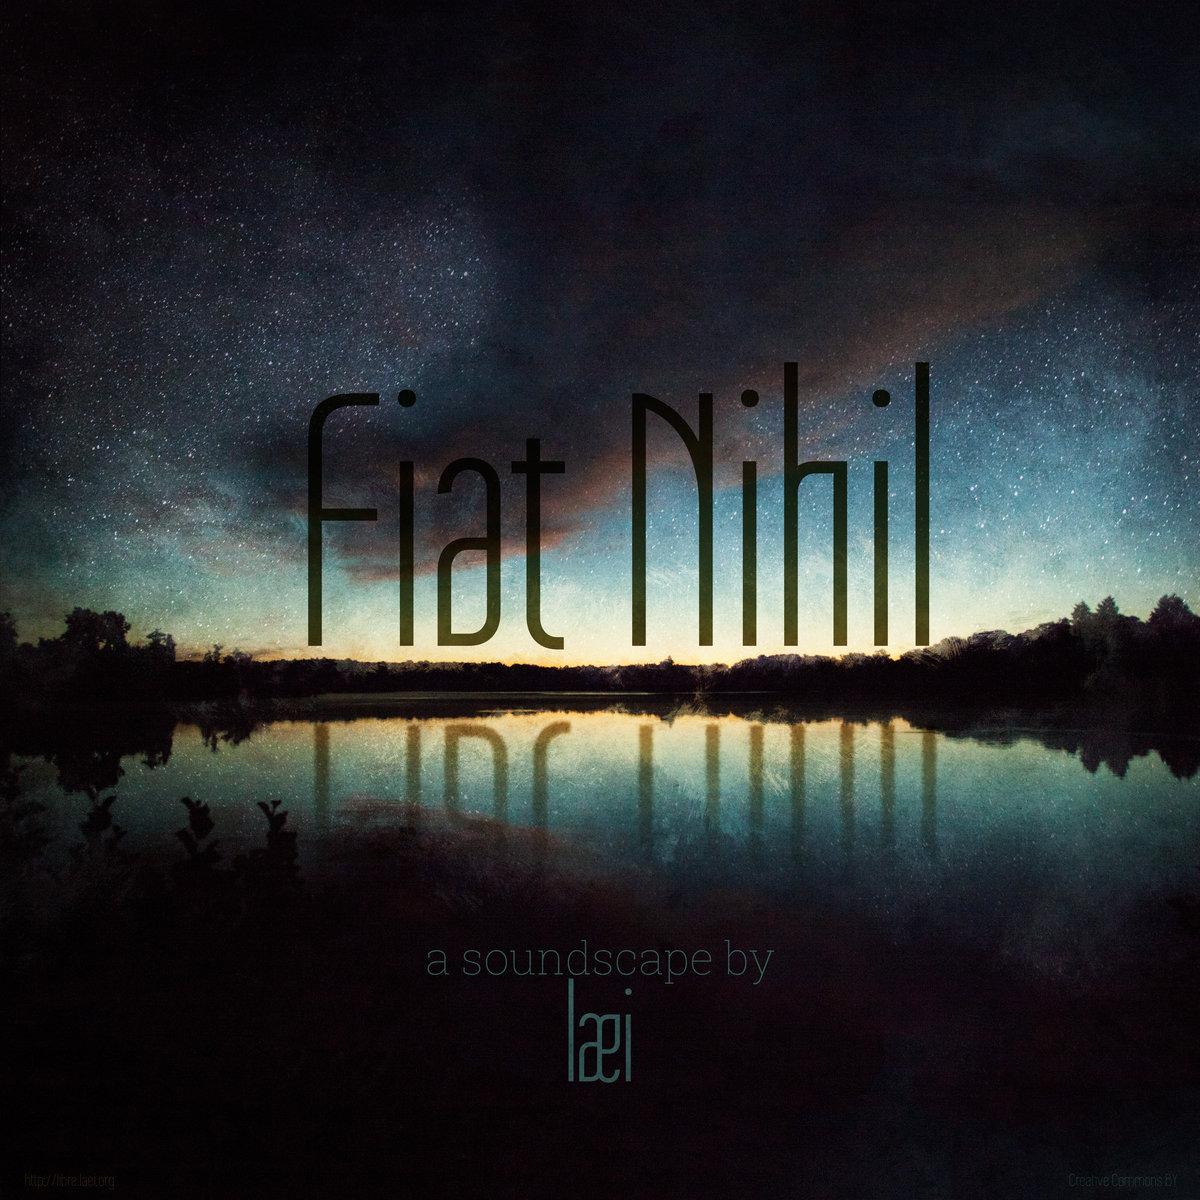 laei – Fiat Nihil